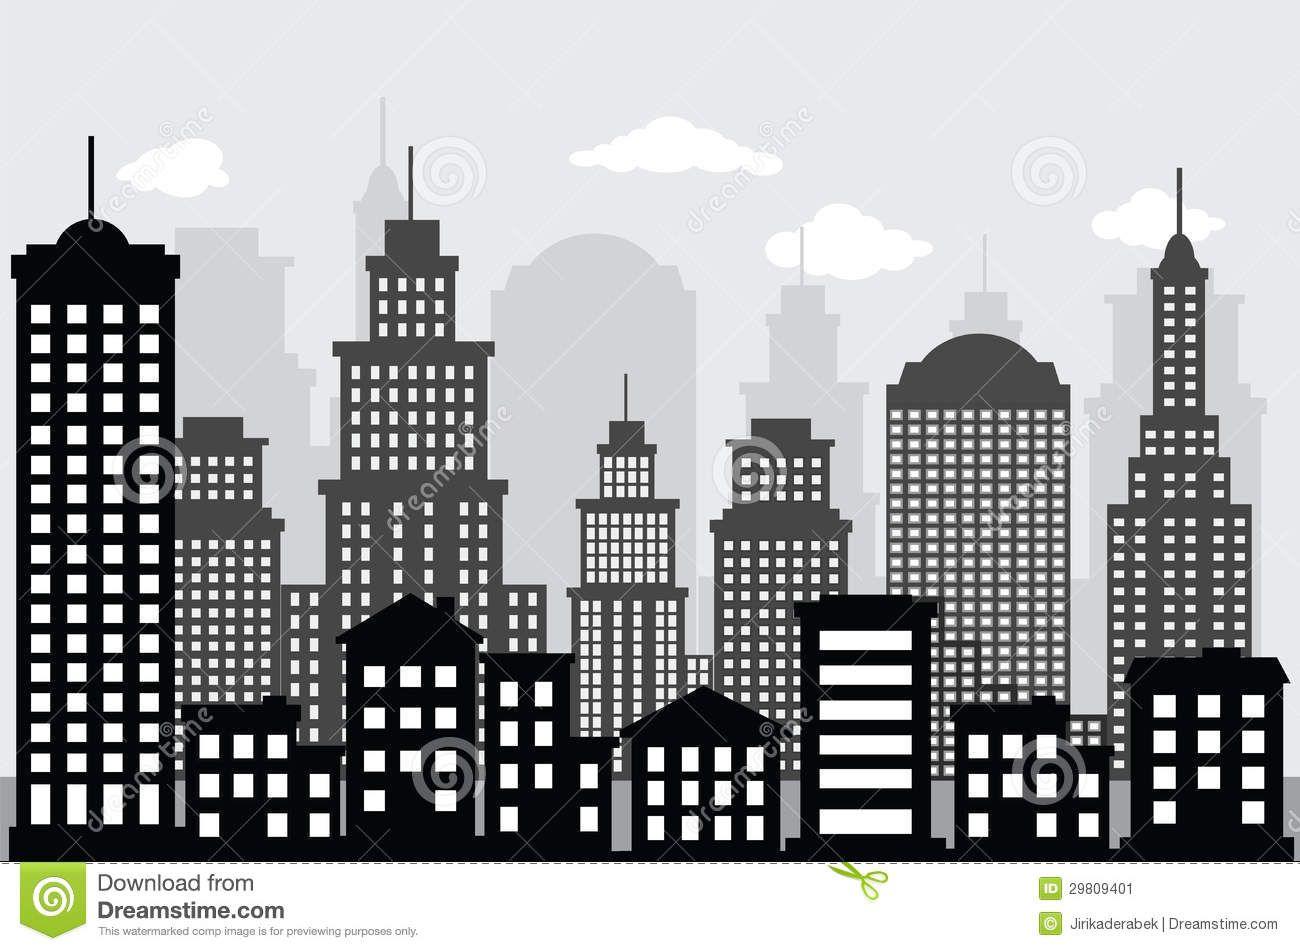 Imagenes De Edificios En Caricatura